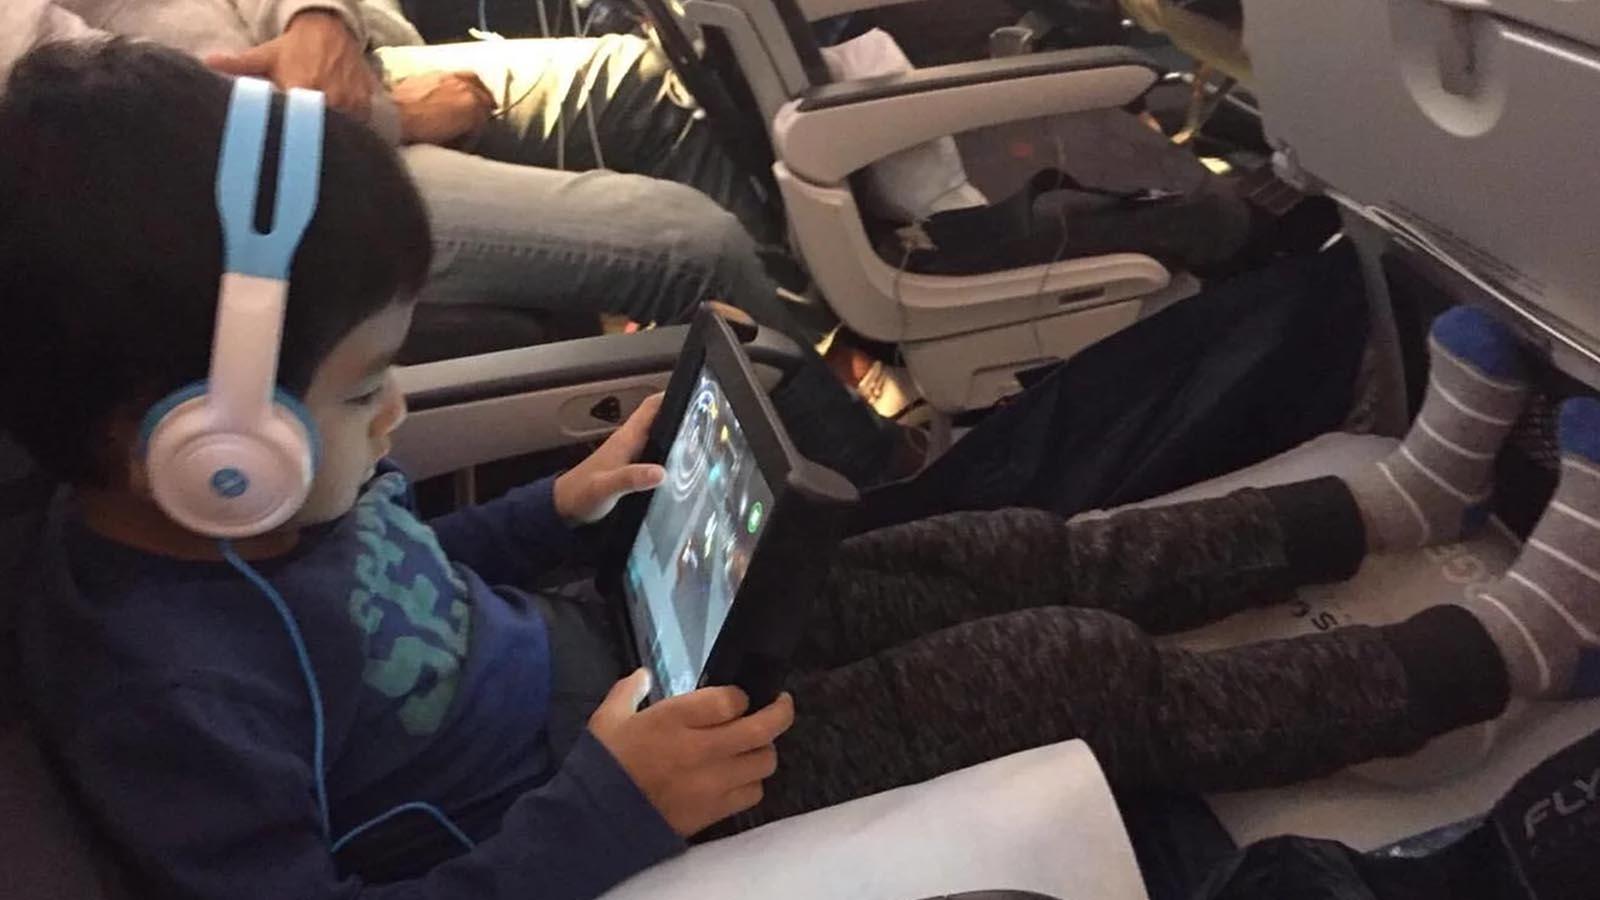 坐廉航通宵機無覺好瞓?  經濟位旅行神器 Fly LegsUp 幫到你